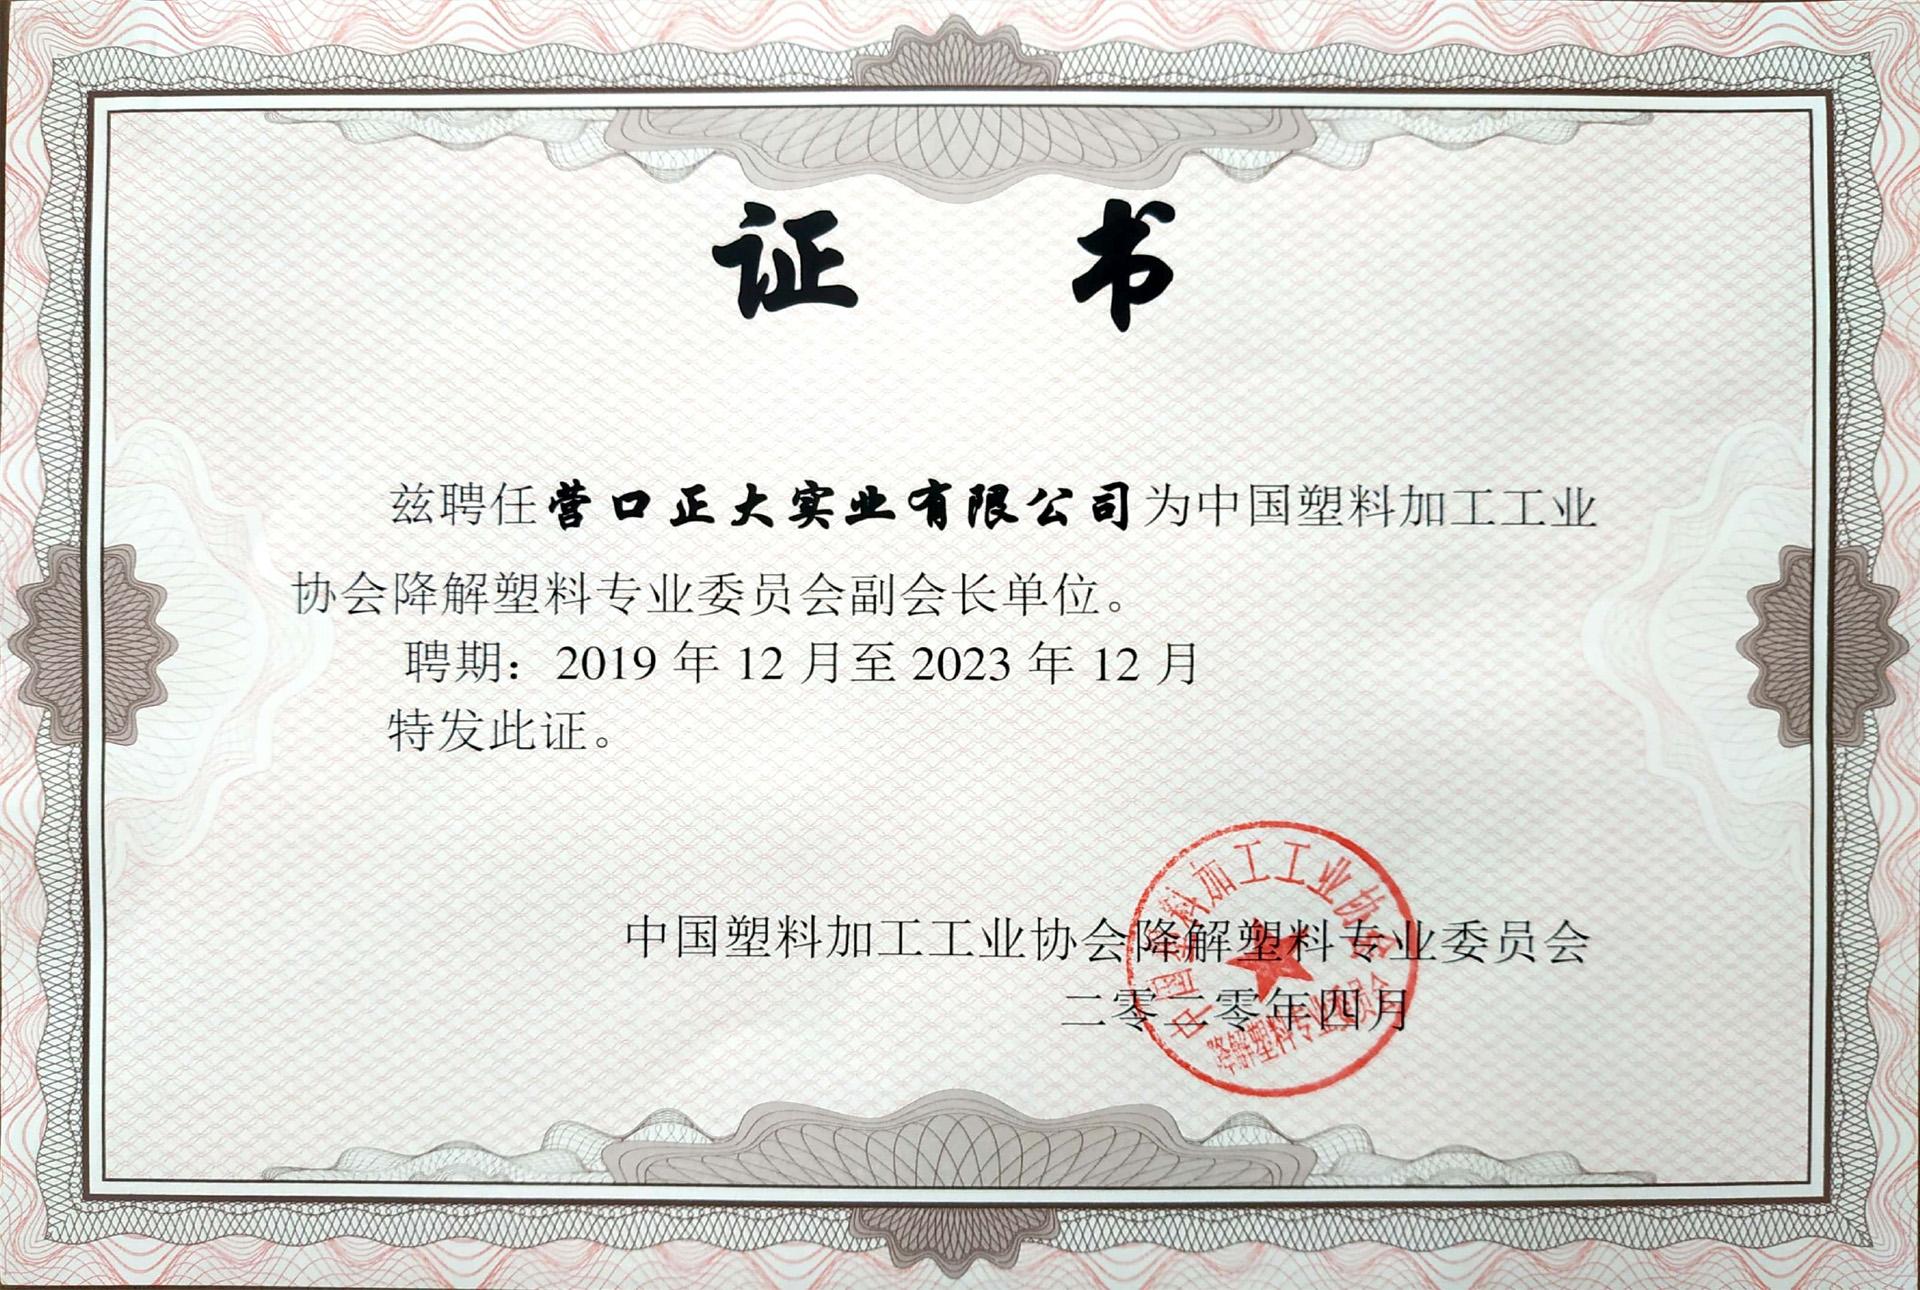 中国塑料加工工业协会降解塑料专业委员会副会长单位